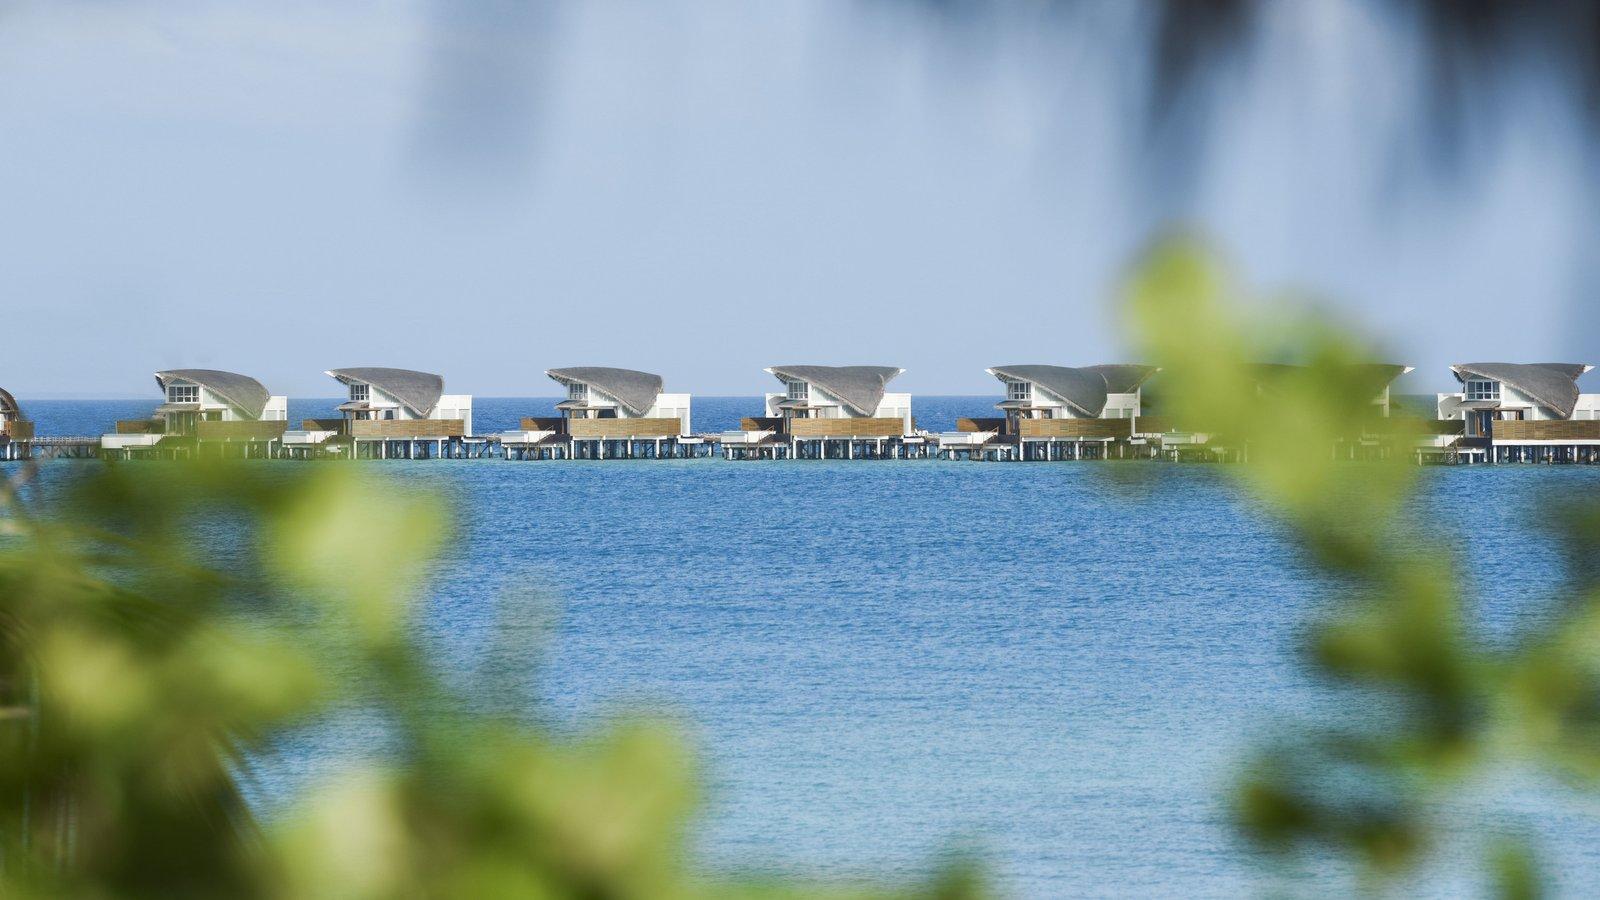 Мальдивы, отель JW Marriott Maldives Resort